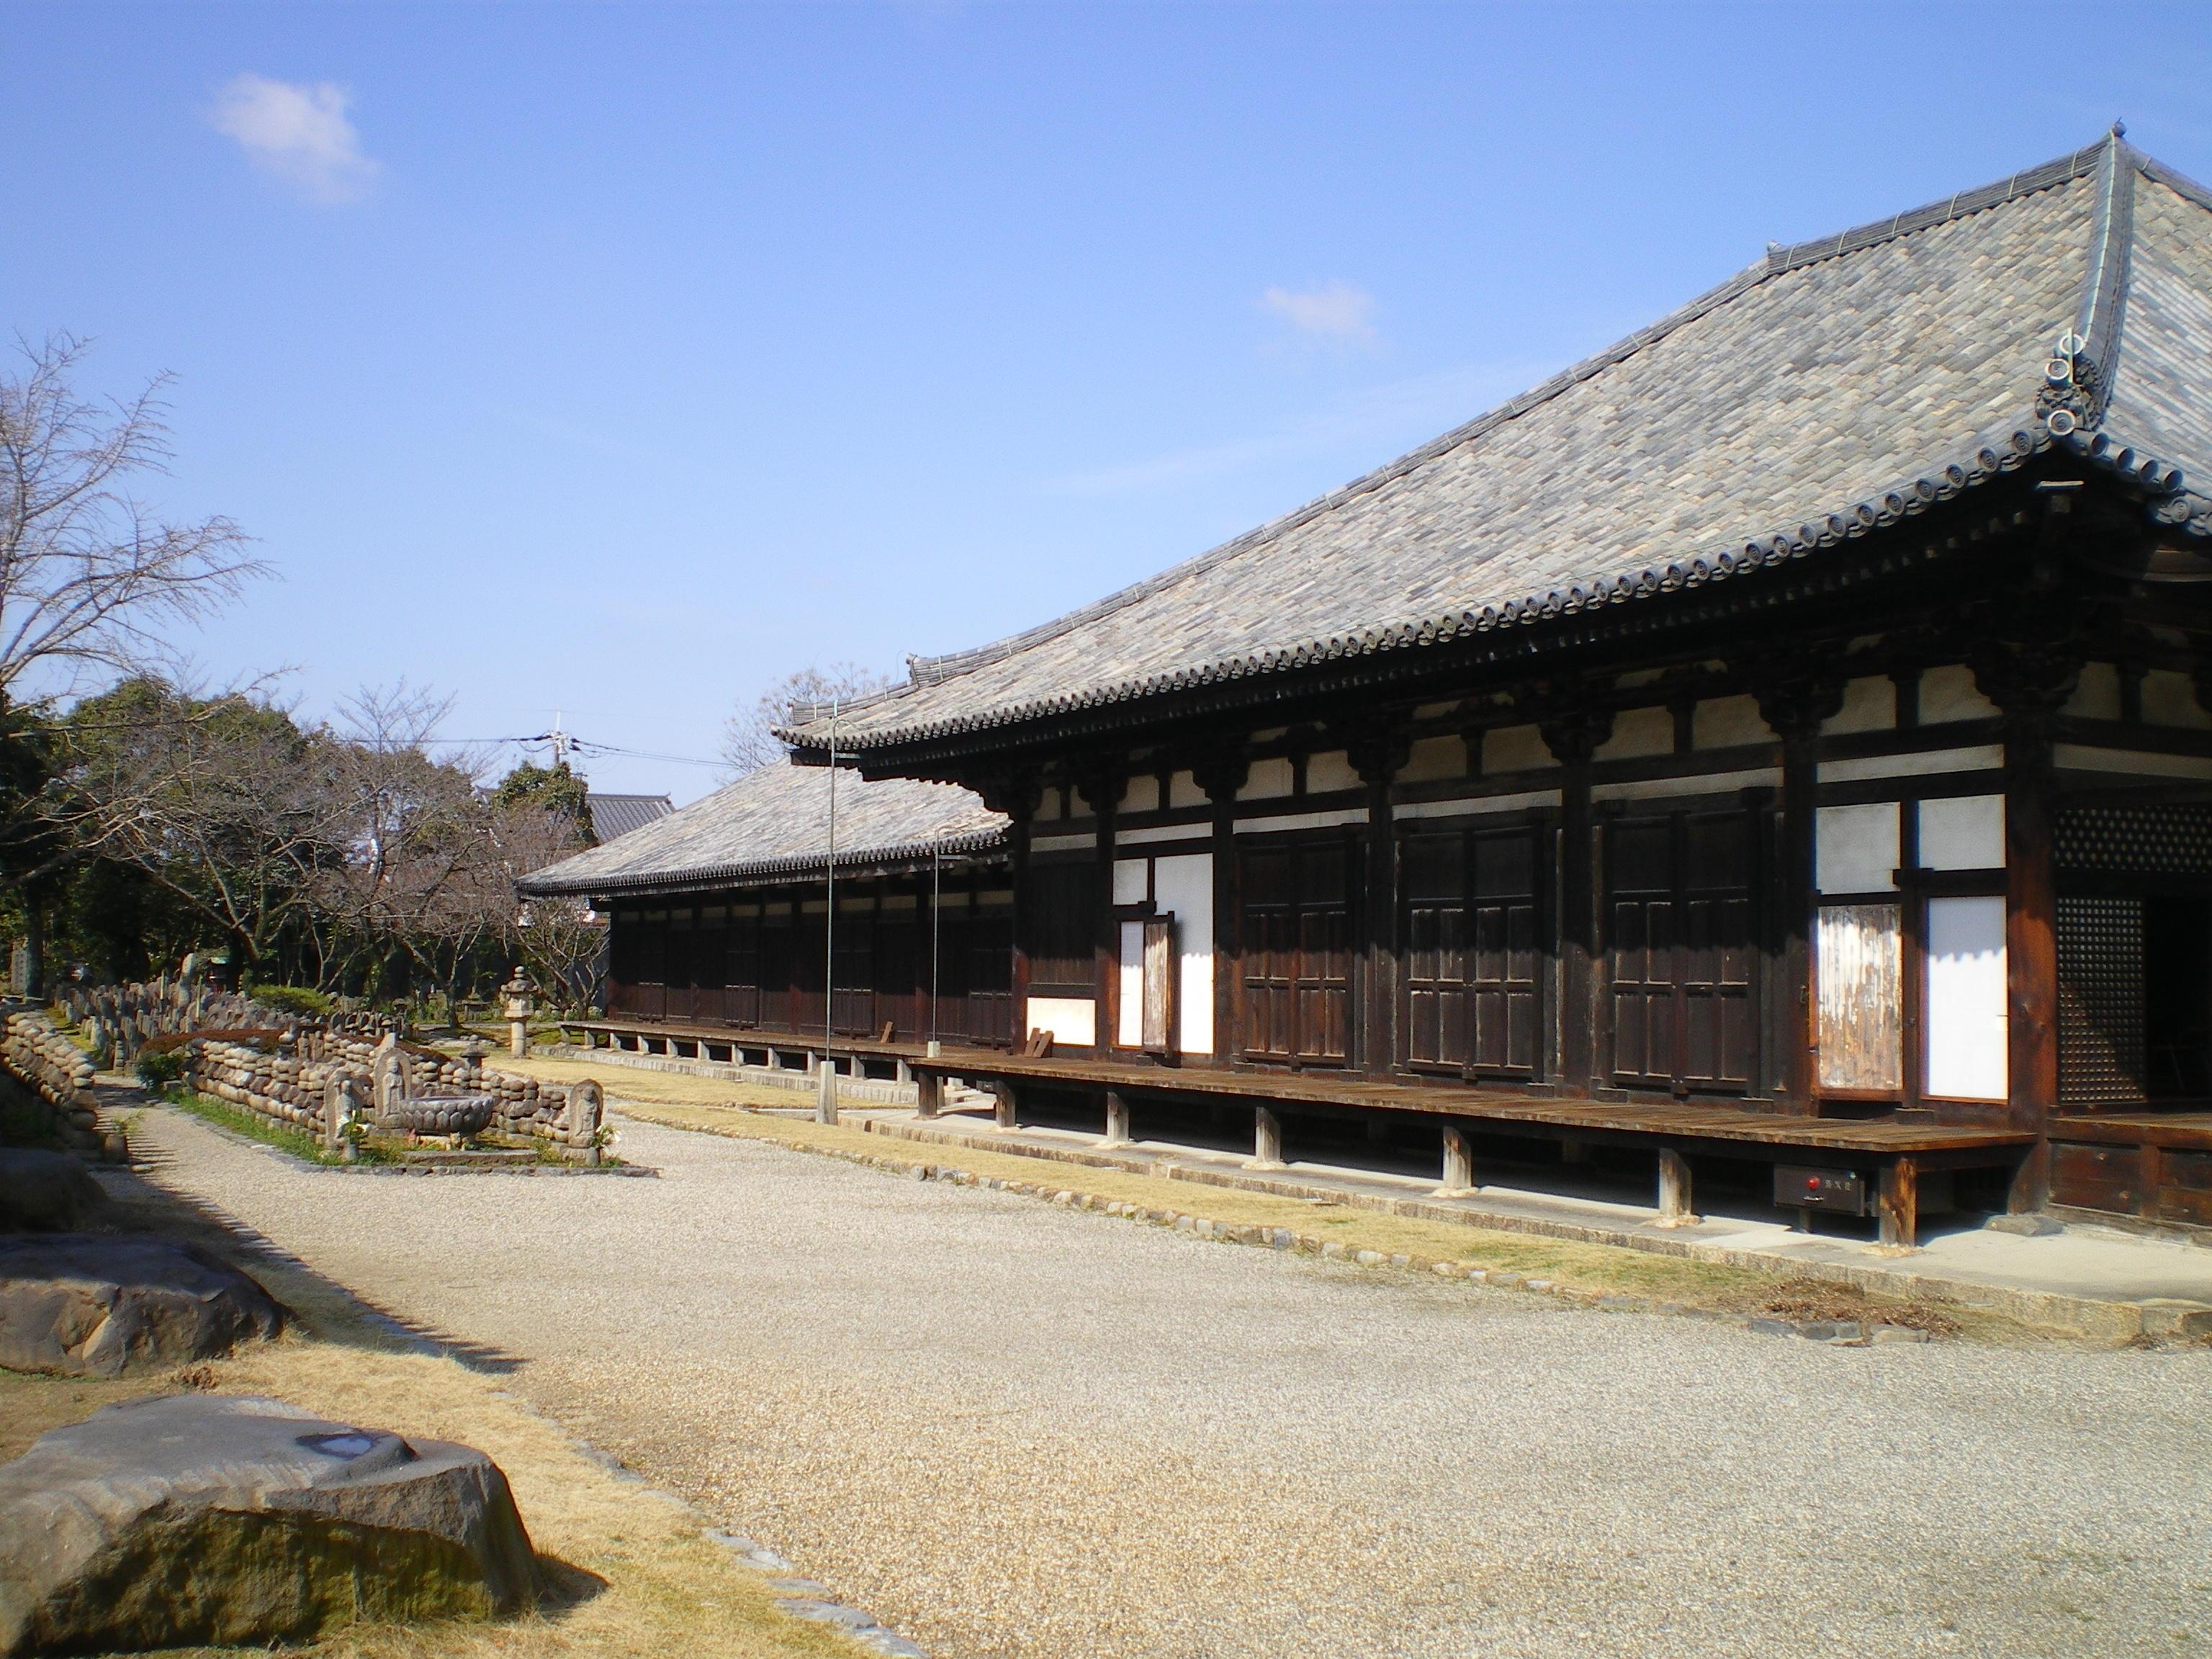 元興寺 奈良の世界遺産のひとつ